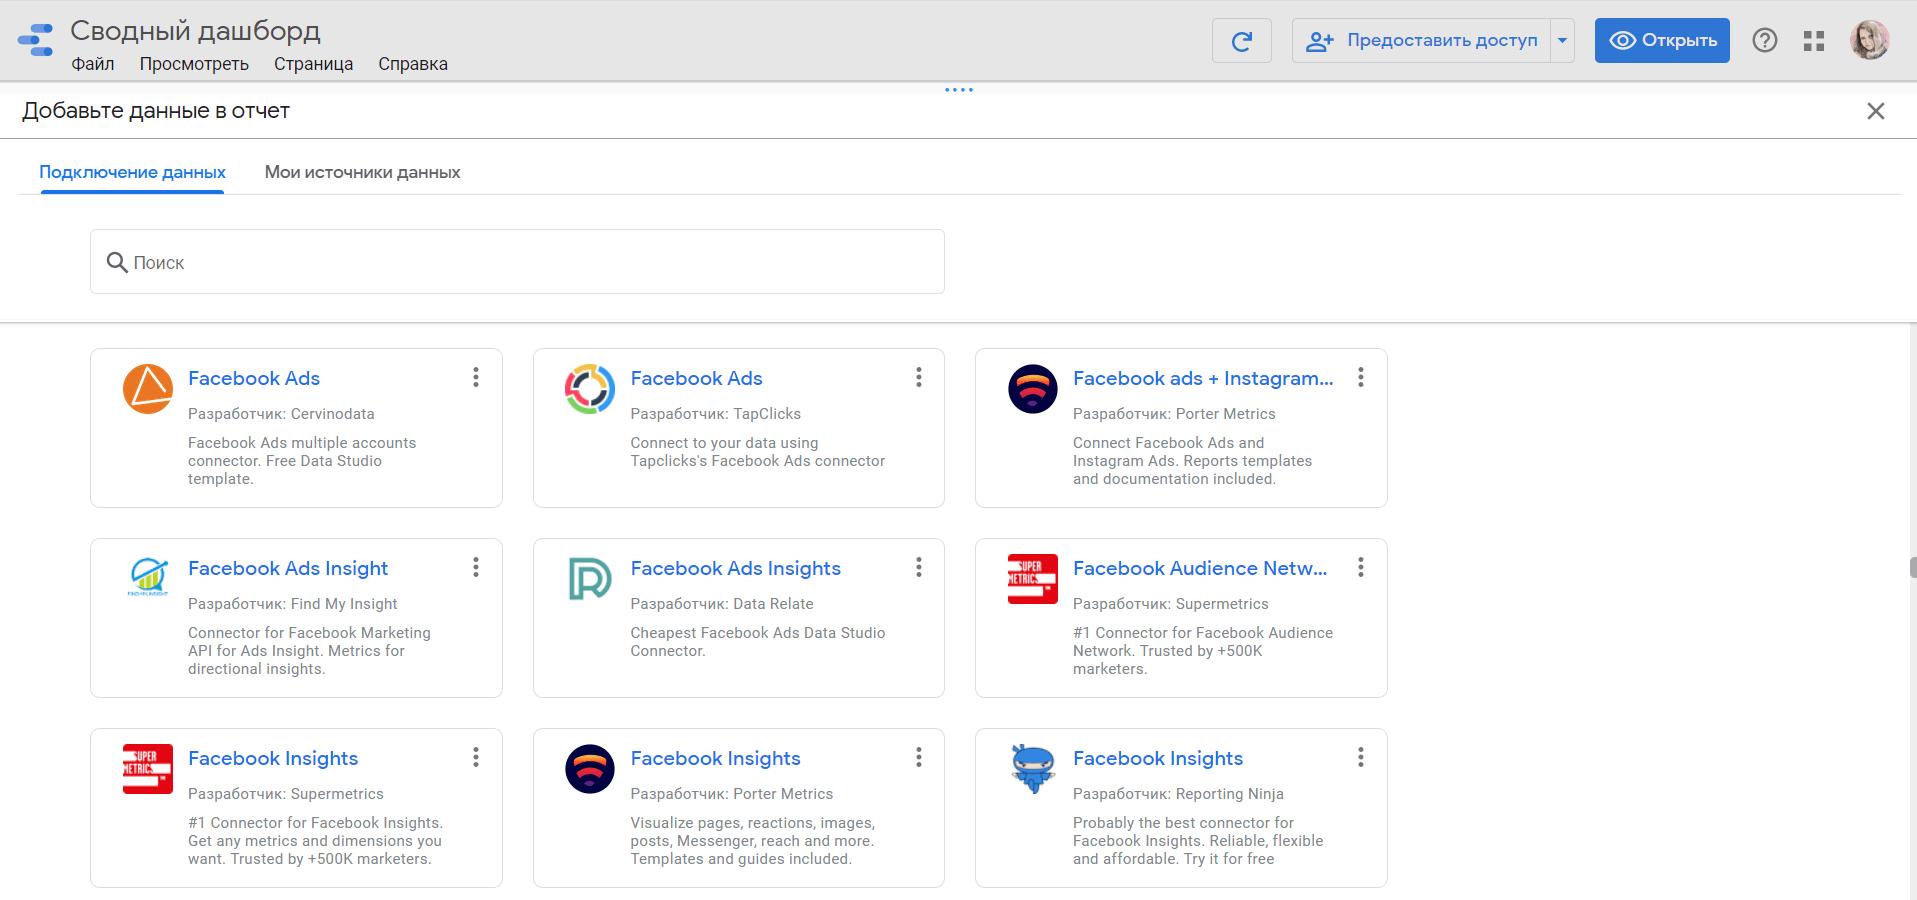 Только для получения данных из Facebook в Google Data Studio есть с десяток разных коннекторов